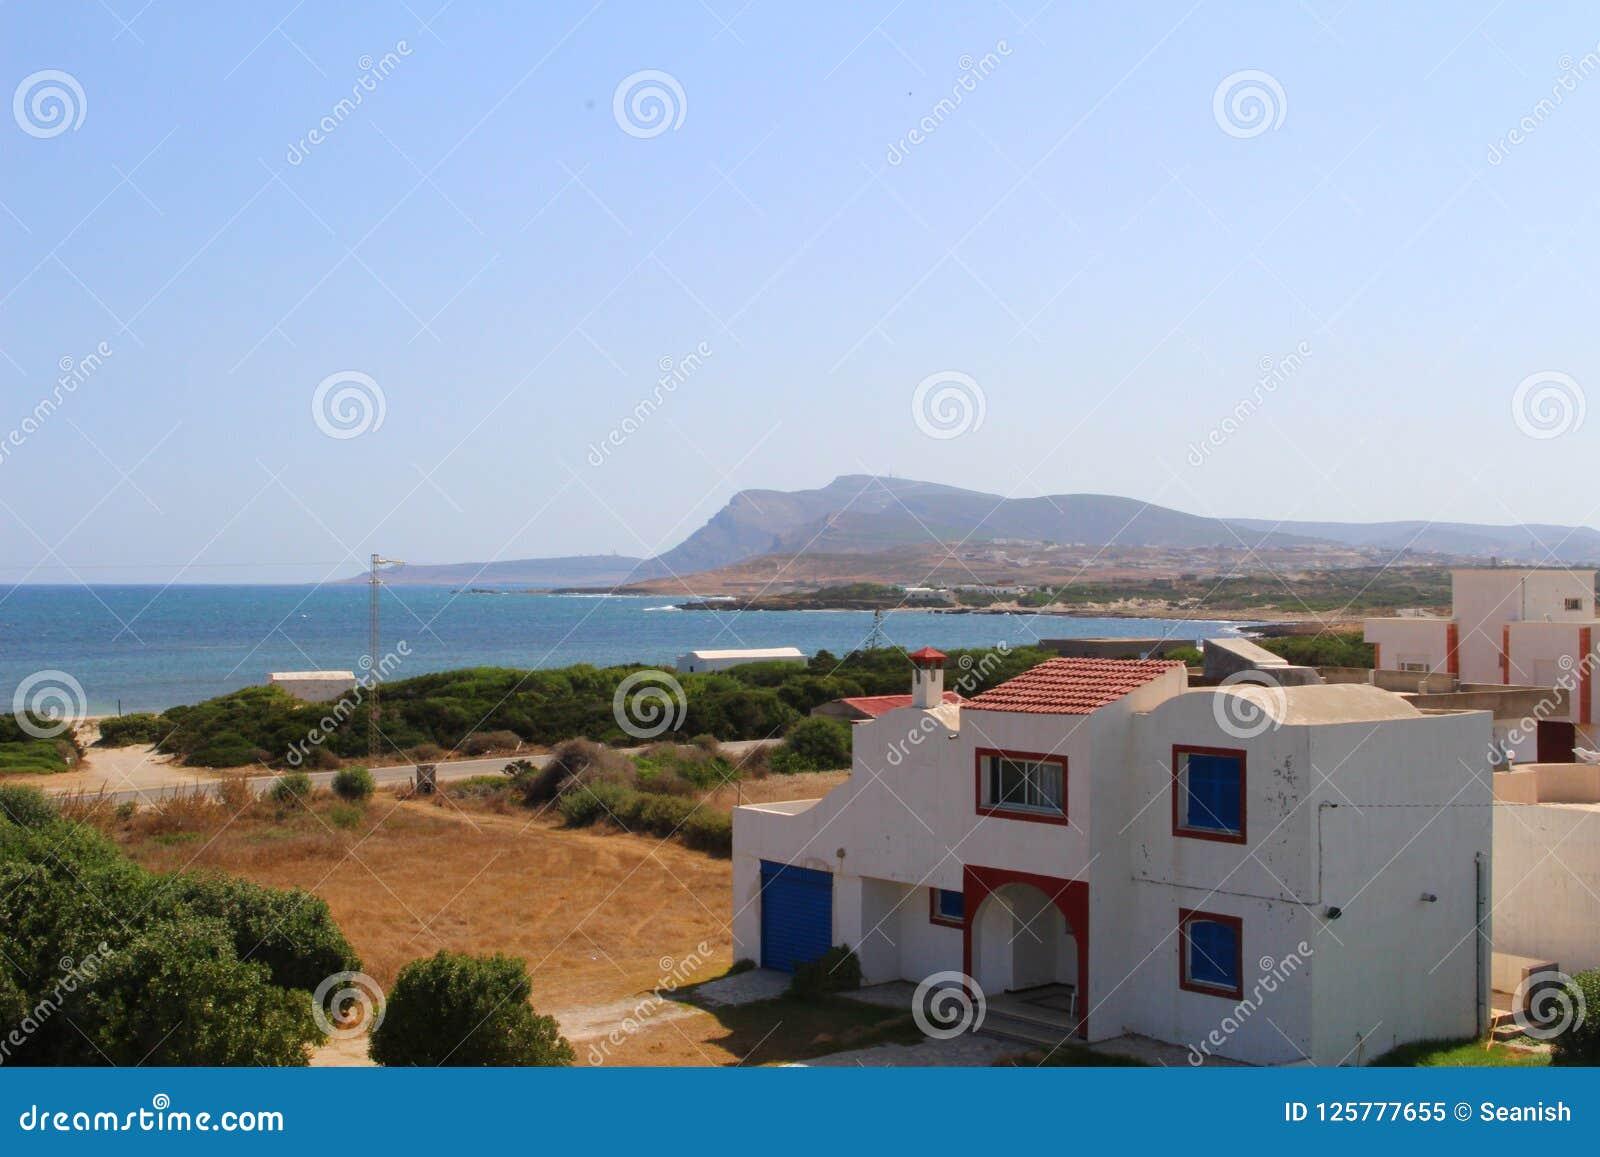 Ein Küstenhaus in Kappe Bon, Tunesien